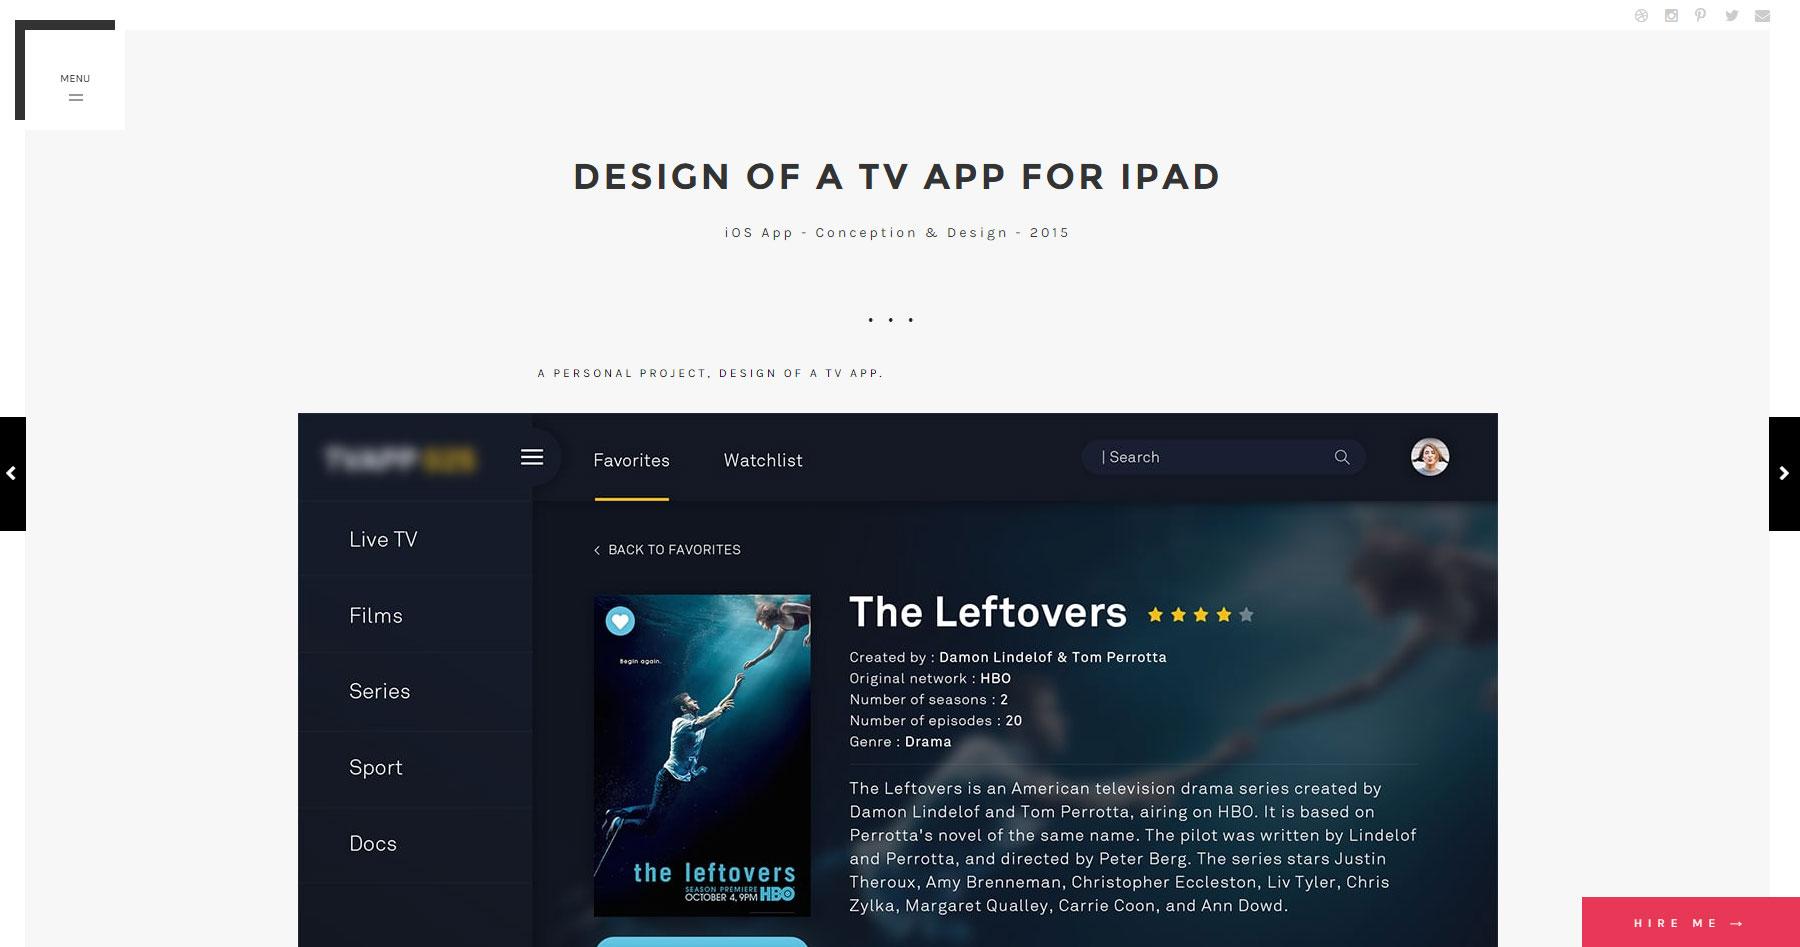 Pierre Leverrier Portfolio - Website of the Day